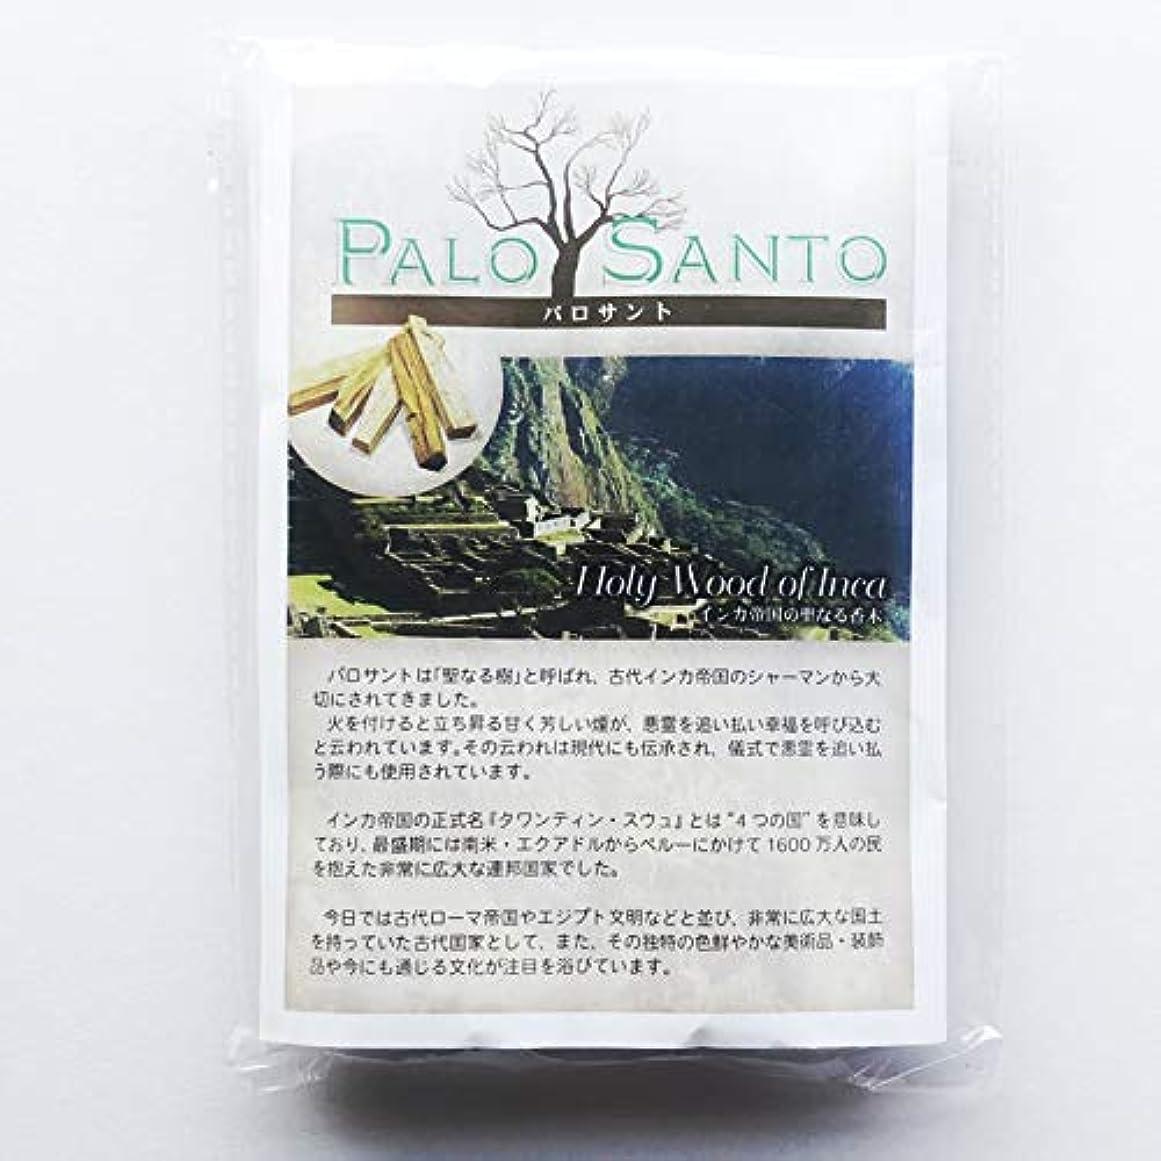 セーブ単位抵抗力があるさわやかな香りをはなつ聖なる木 5本 パロサント ホーリーウッド